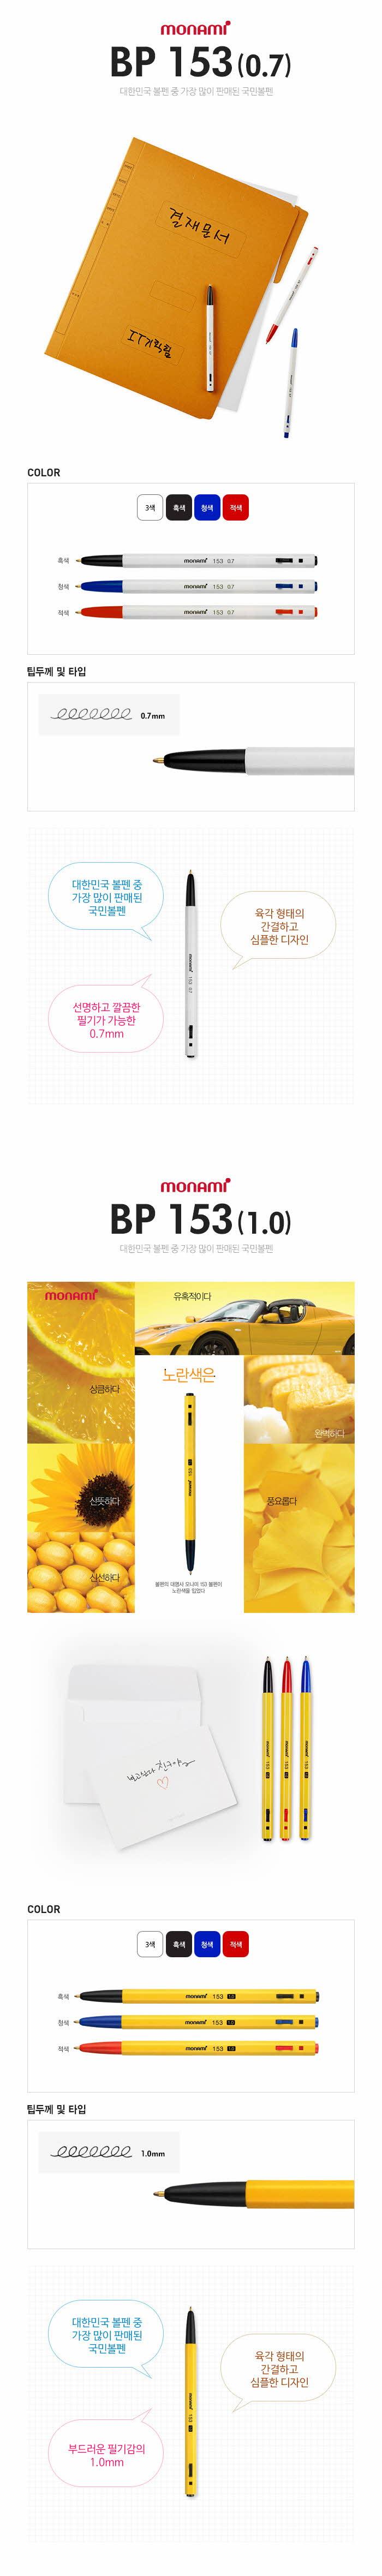 모나미 153 볼펜 (07mm 10mm) 12자루 - 모나미, 3,600원, 볼펜, 볼펜 세트